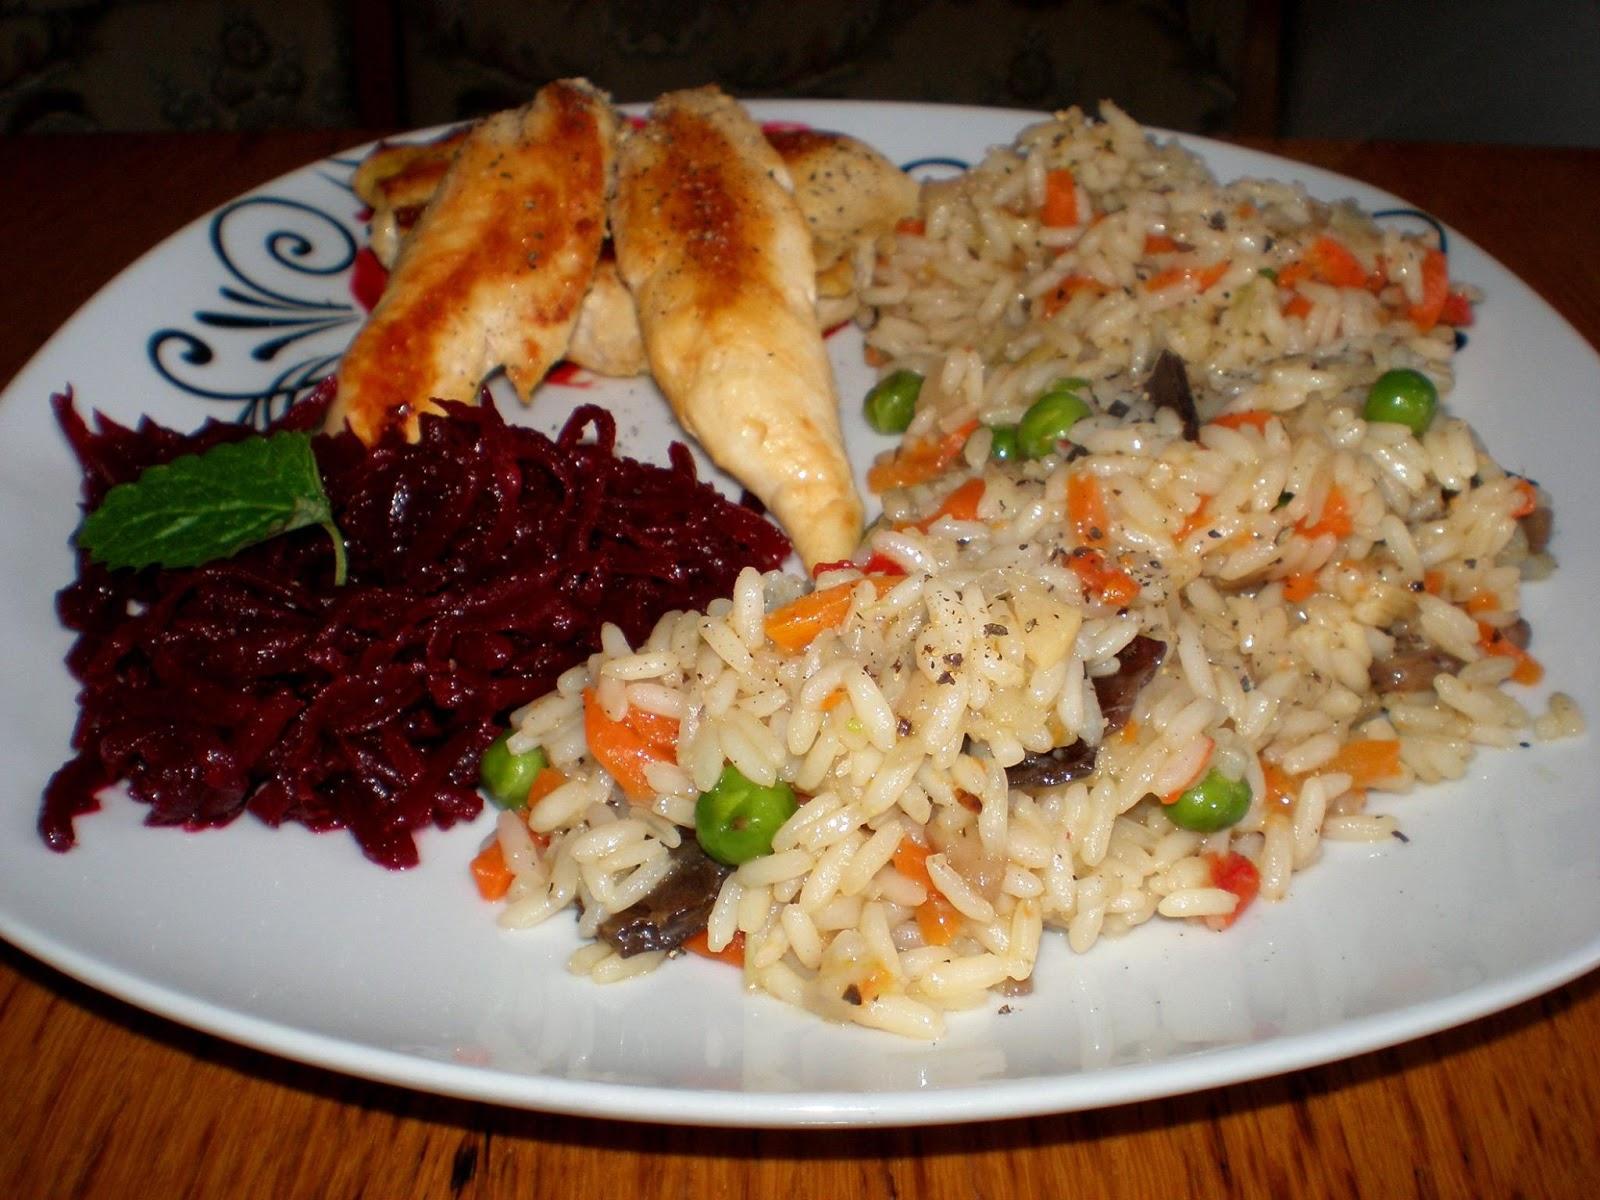 Piept de pui și orez cu legume